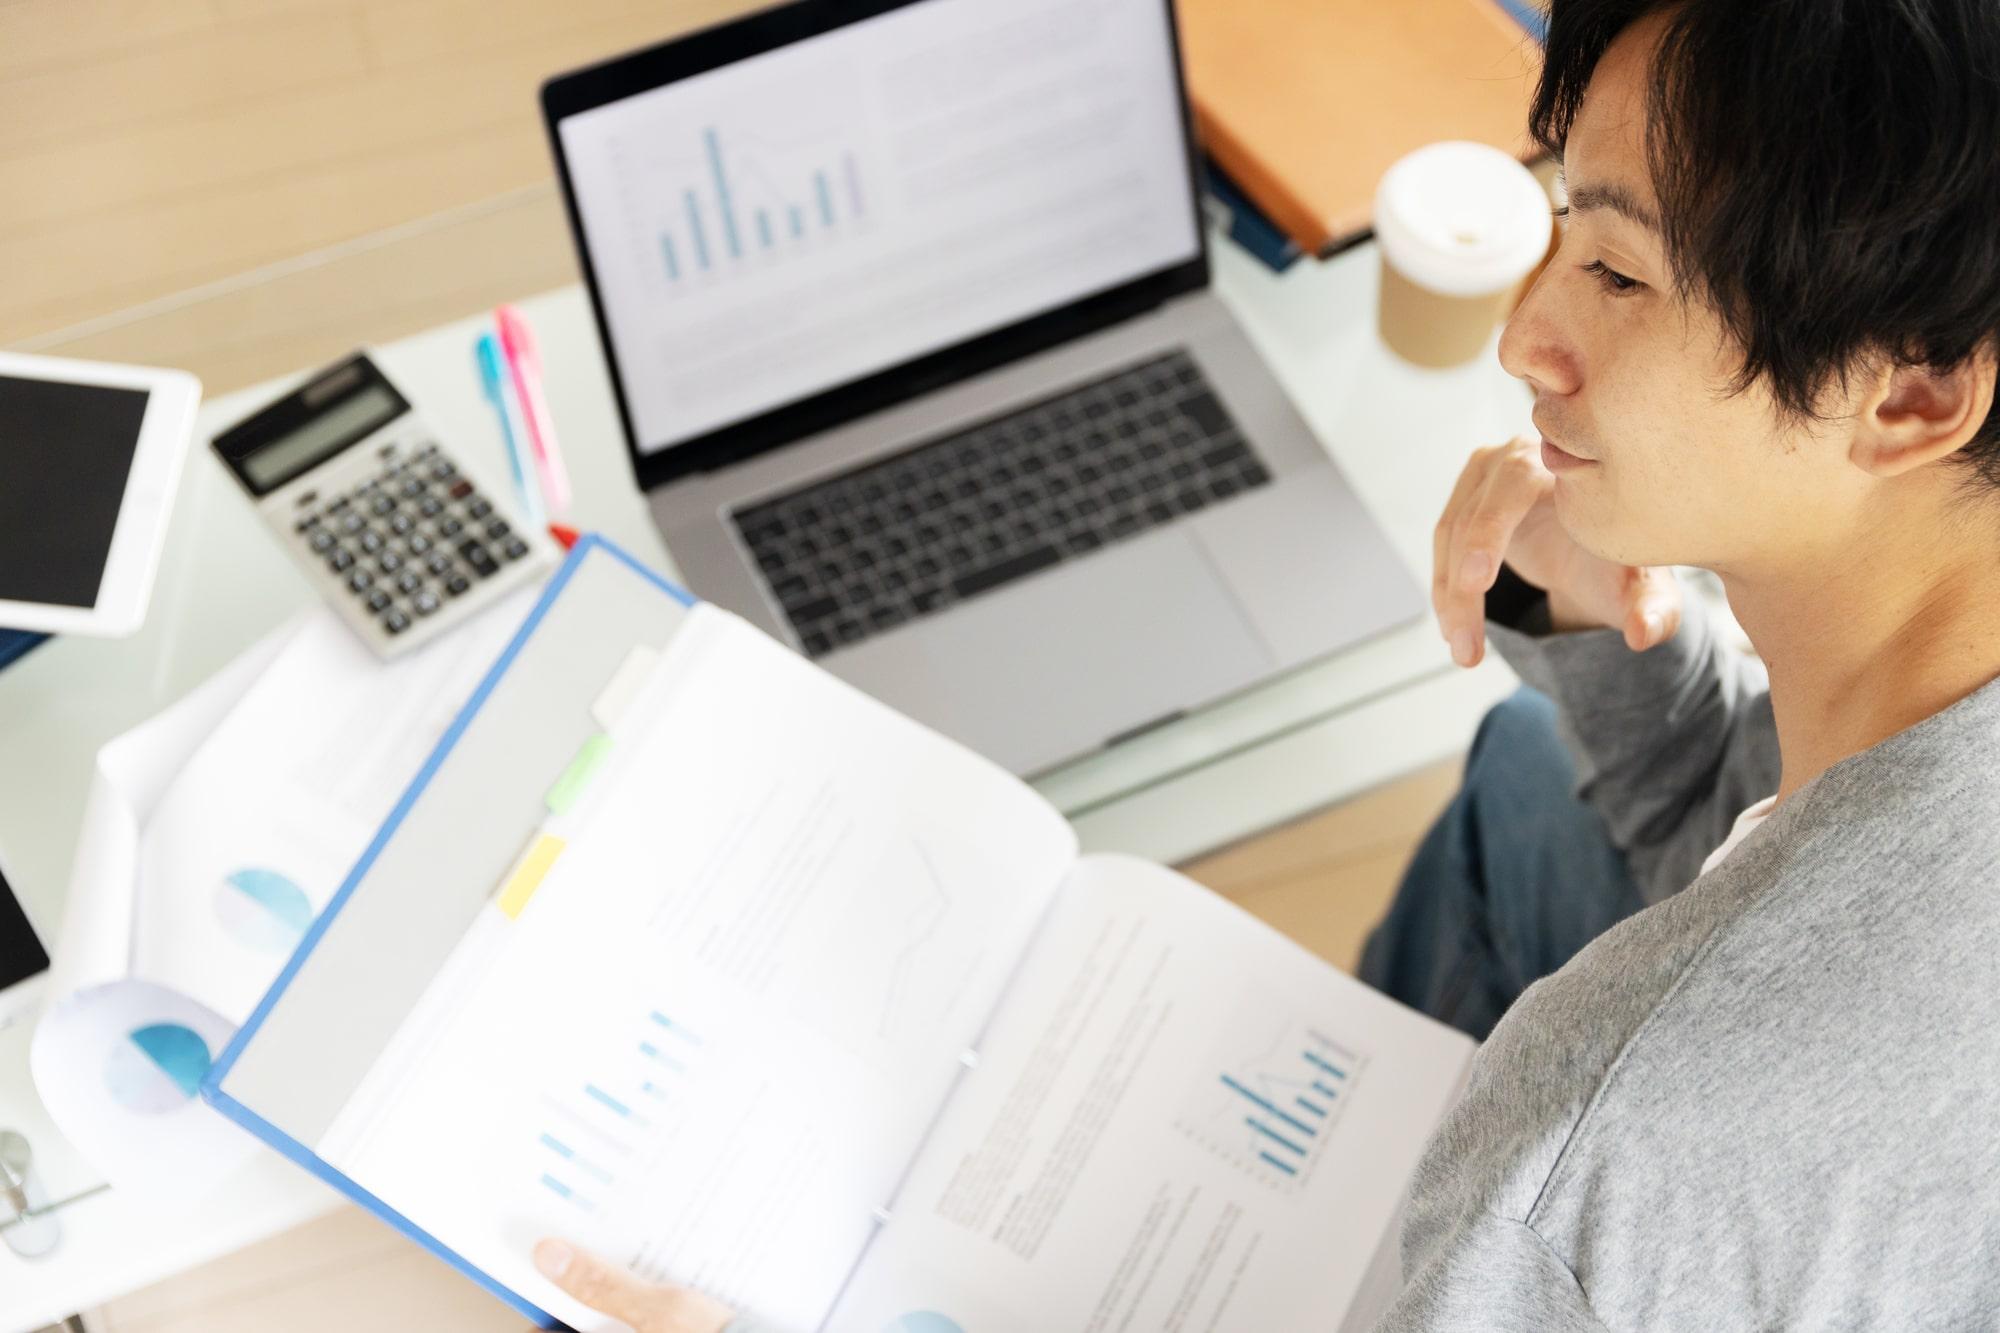 パラレルワーク志望者急増!いま複業するなら?おすすめの仕事5選|TIME SHARING|タイムシェアリング |スペースマネジメント|あどばる|adval|SHARING